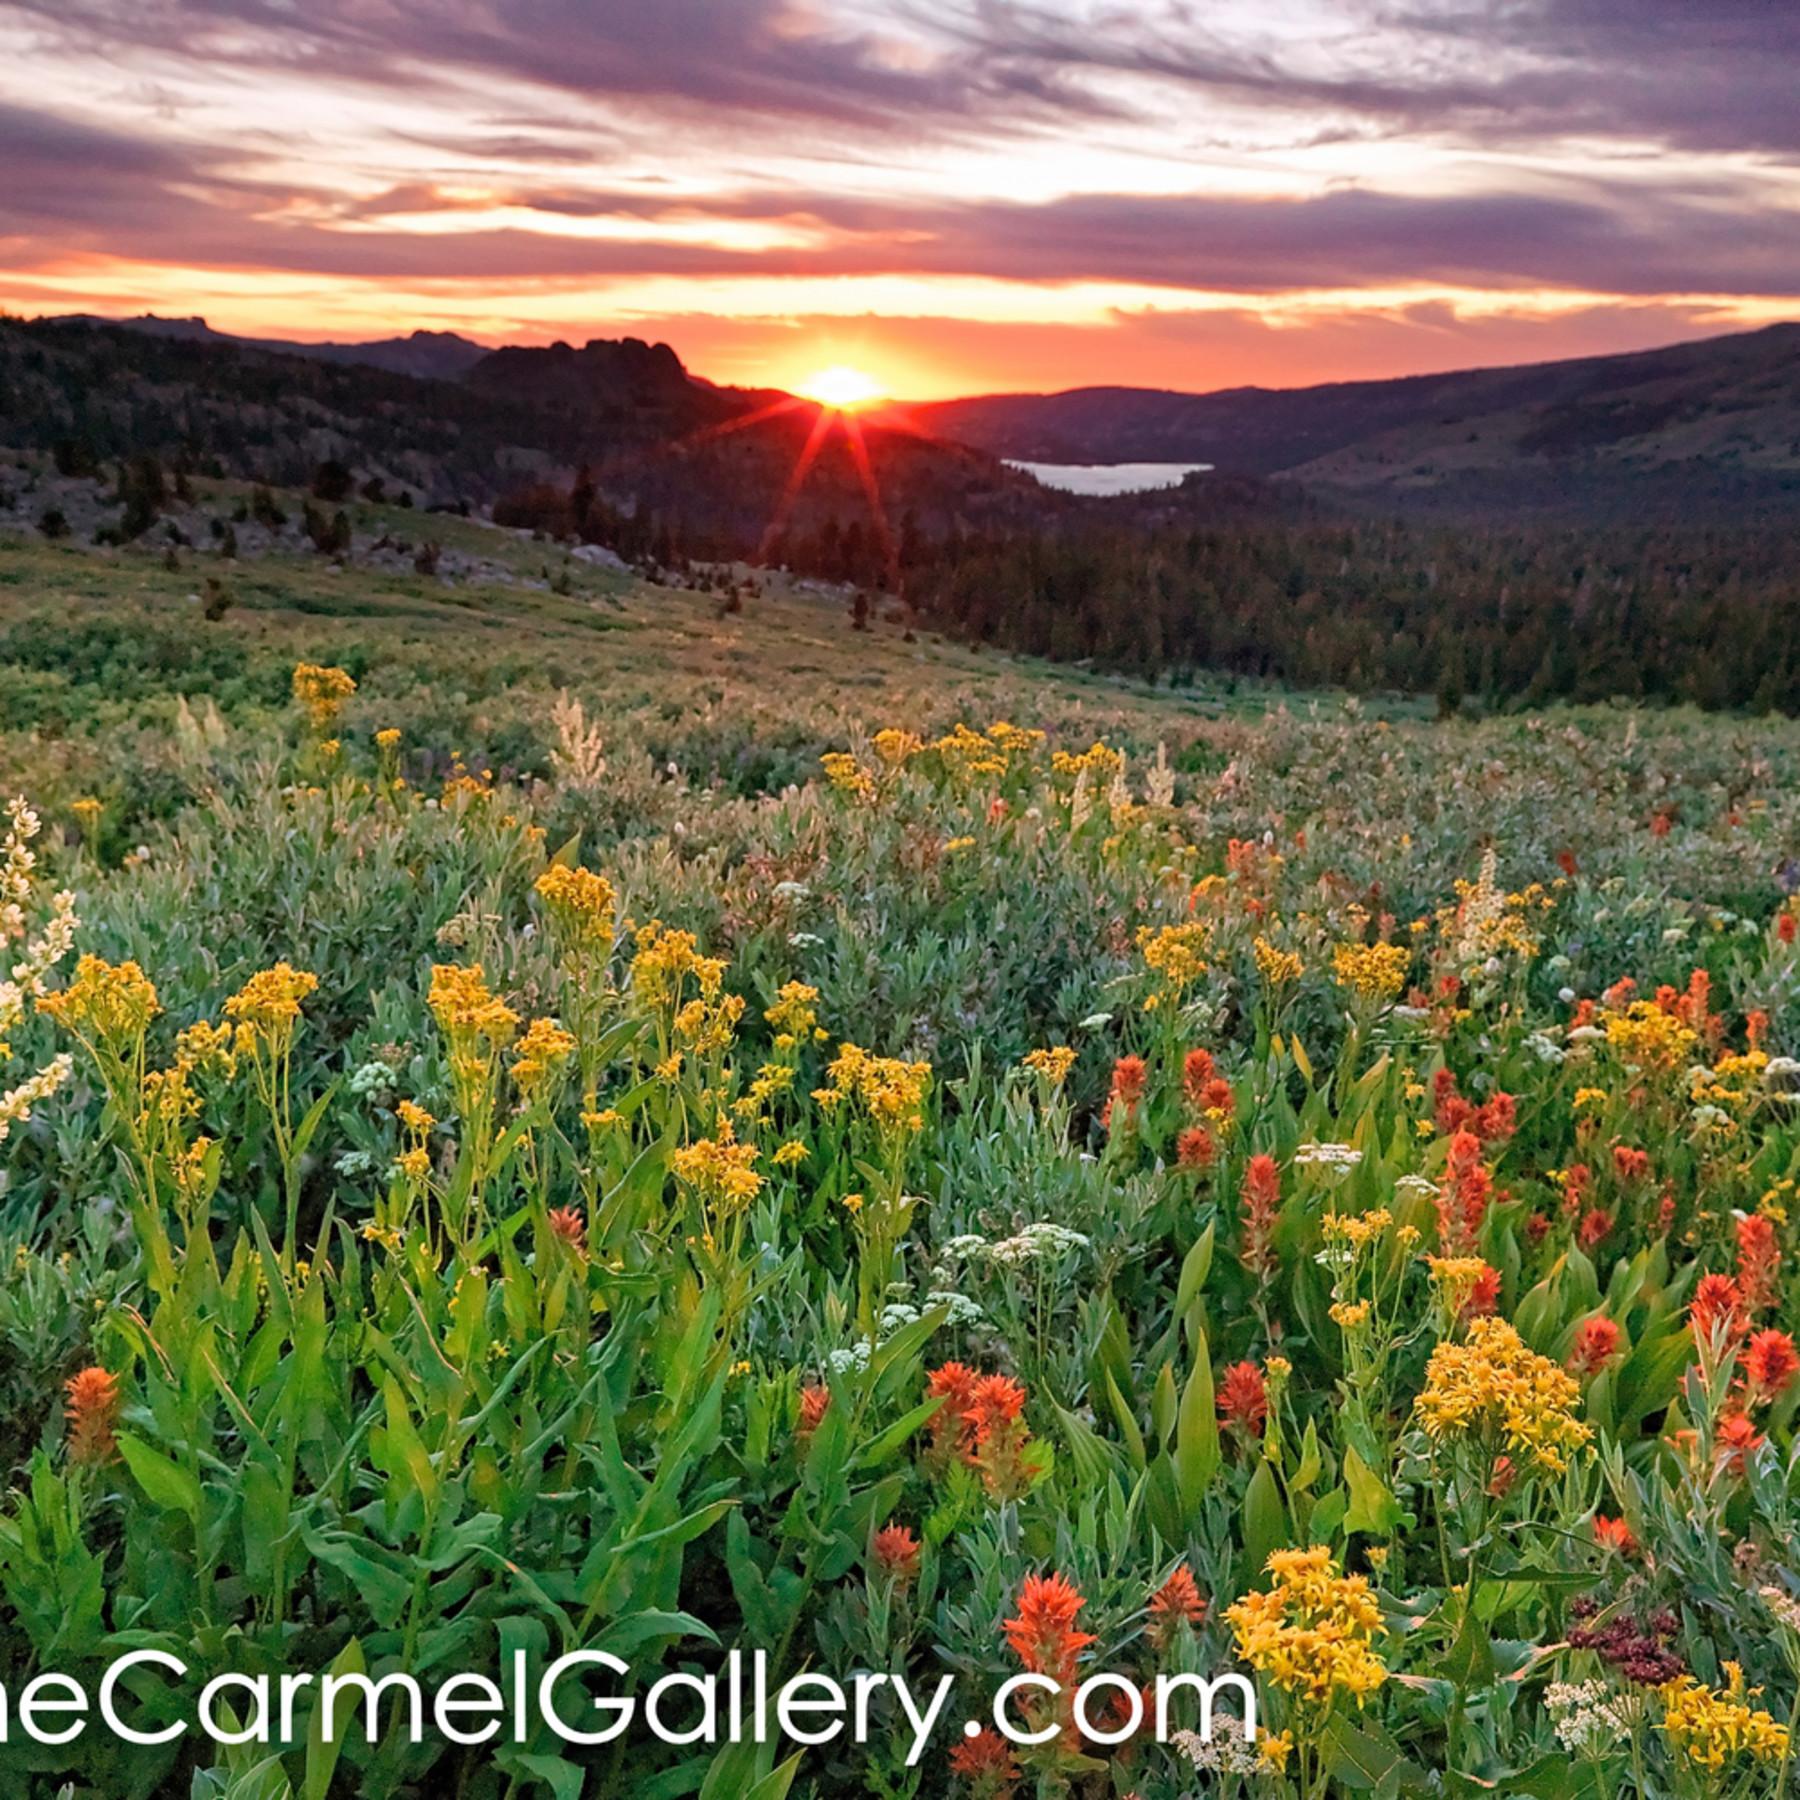 Summer meadow at sunset ckslih